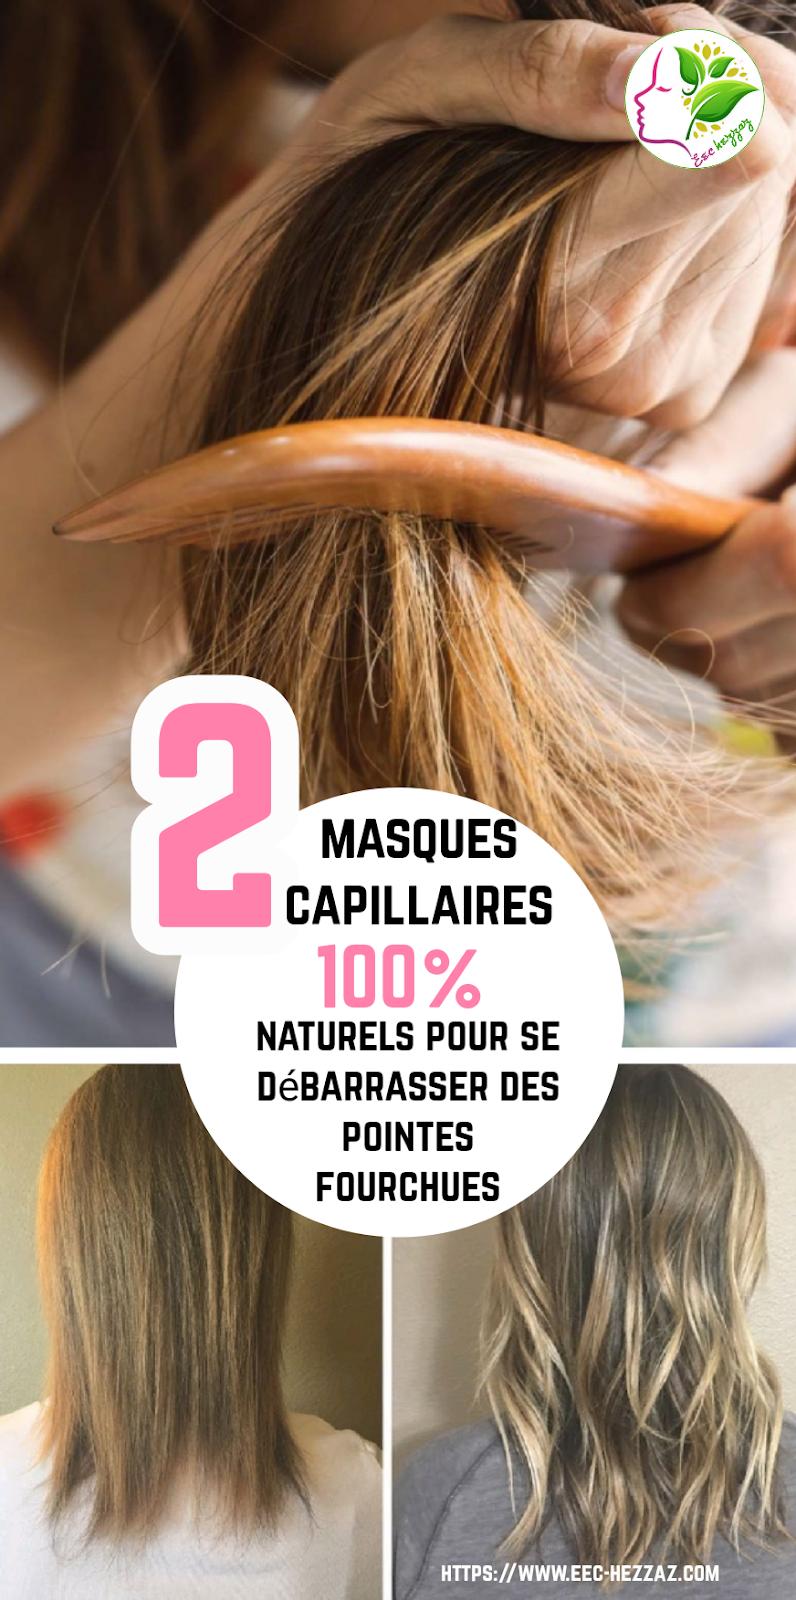 2 masques capillaires 100% naturels pour se débarrasser des pointes fourchues